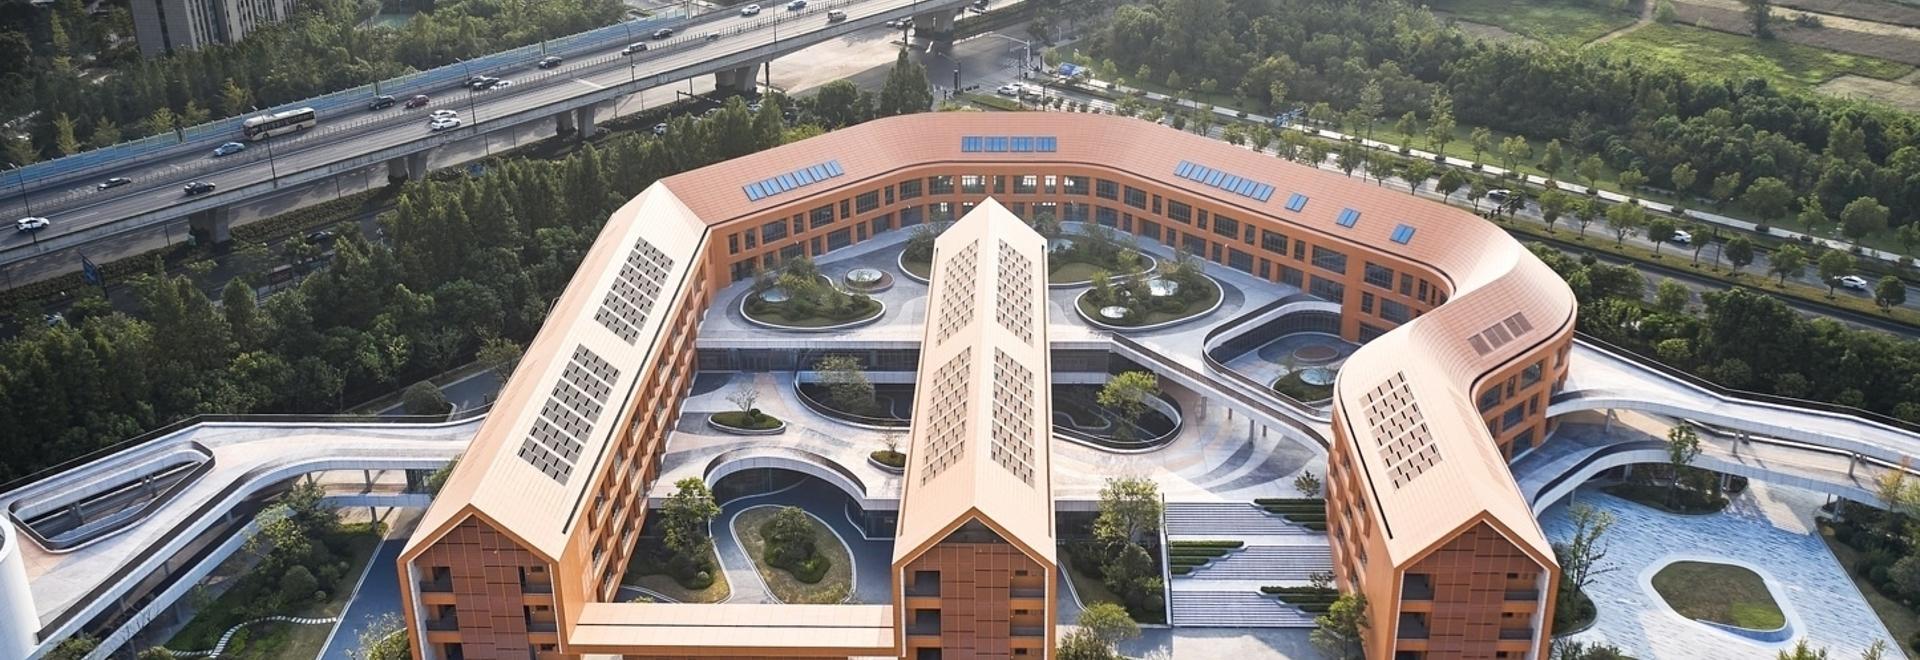 École primaire et maternelle expérimentale de Hangzhou / UAD